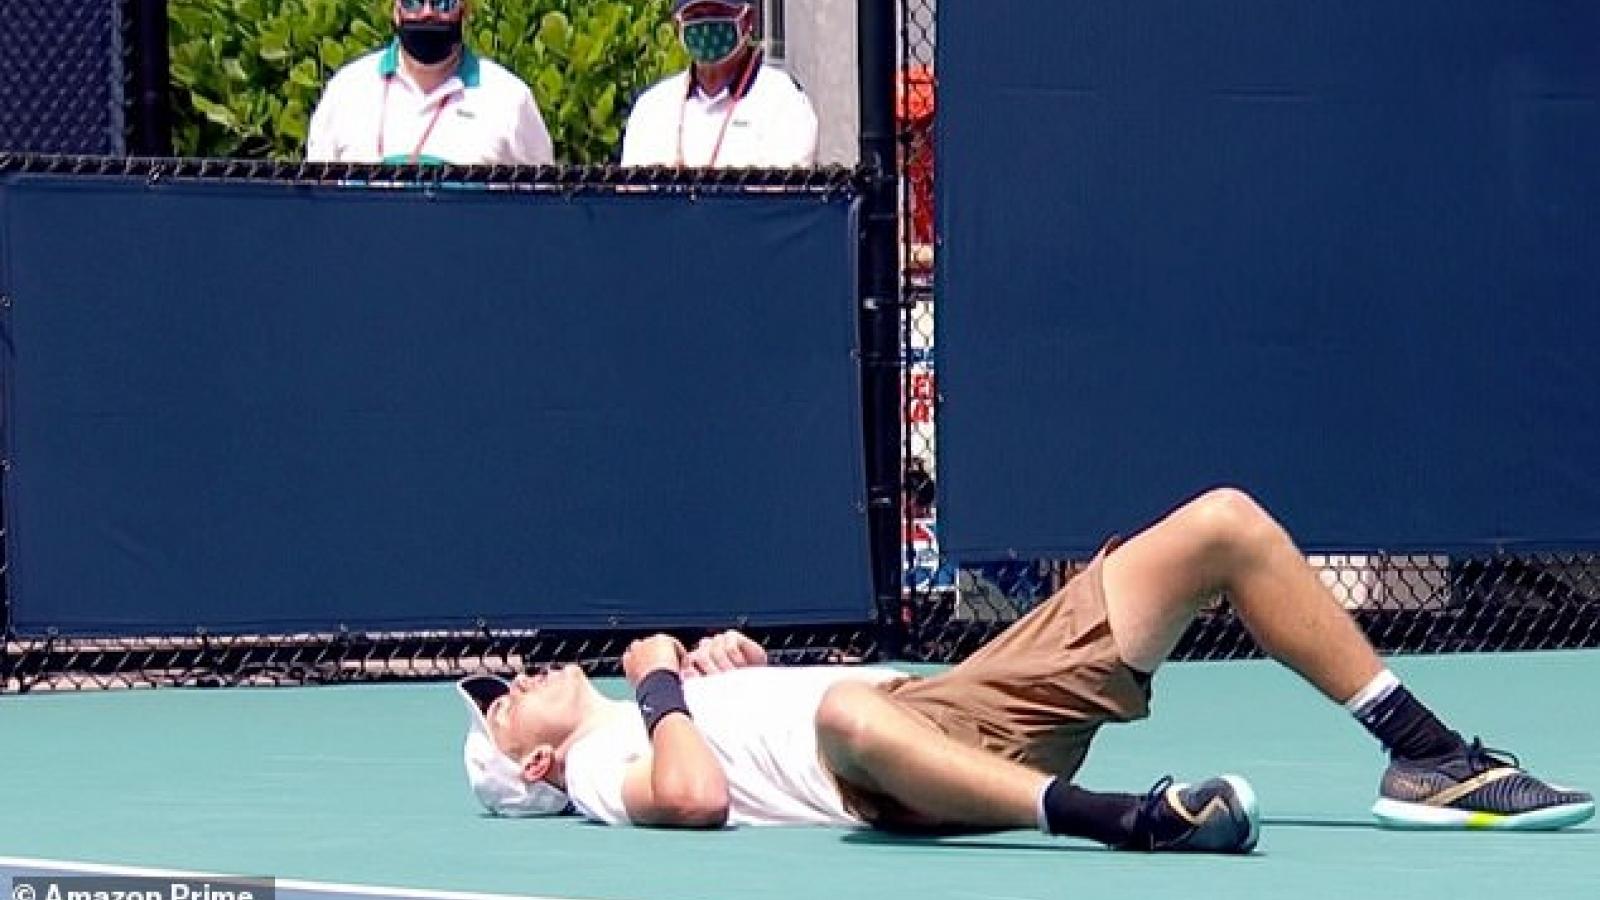 Đang thi đấu, tay vợt người Anh đổ gục vì nắng nóng